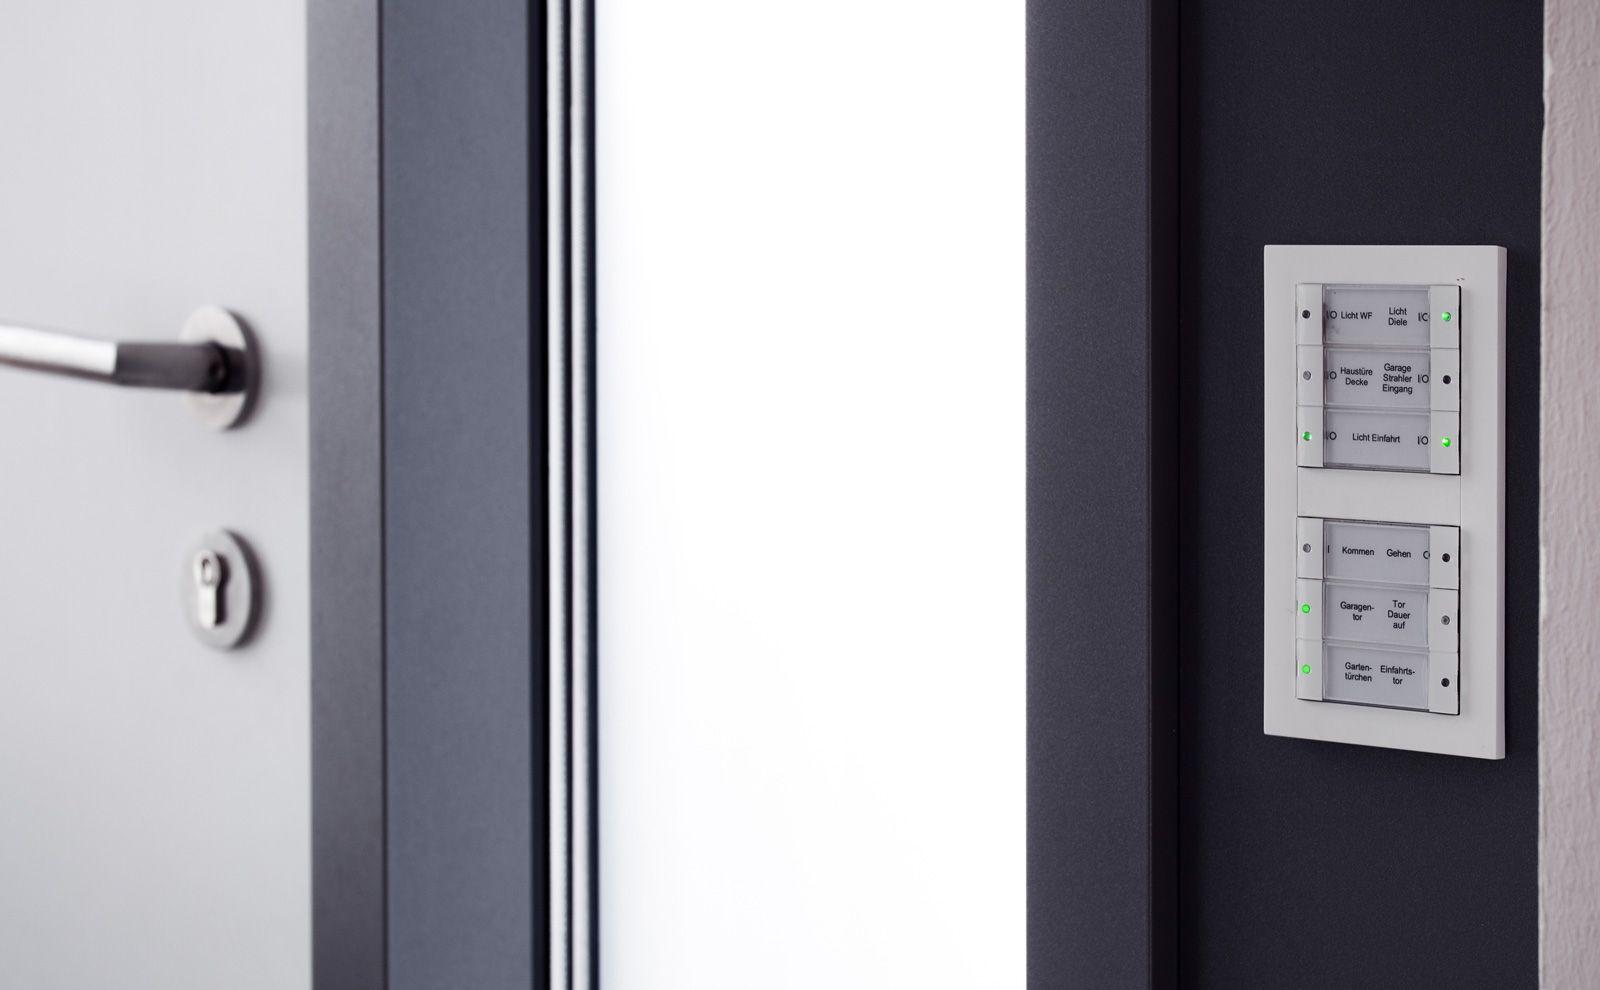 Tastsensoren neben der Tür